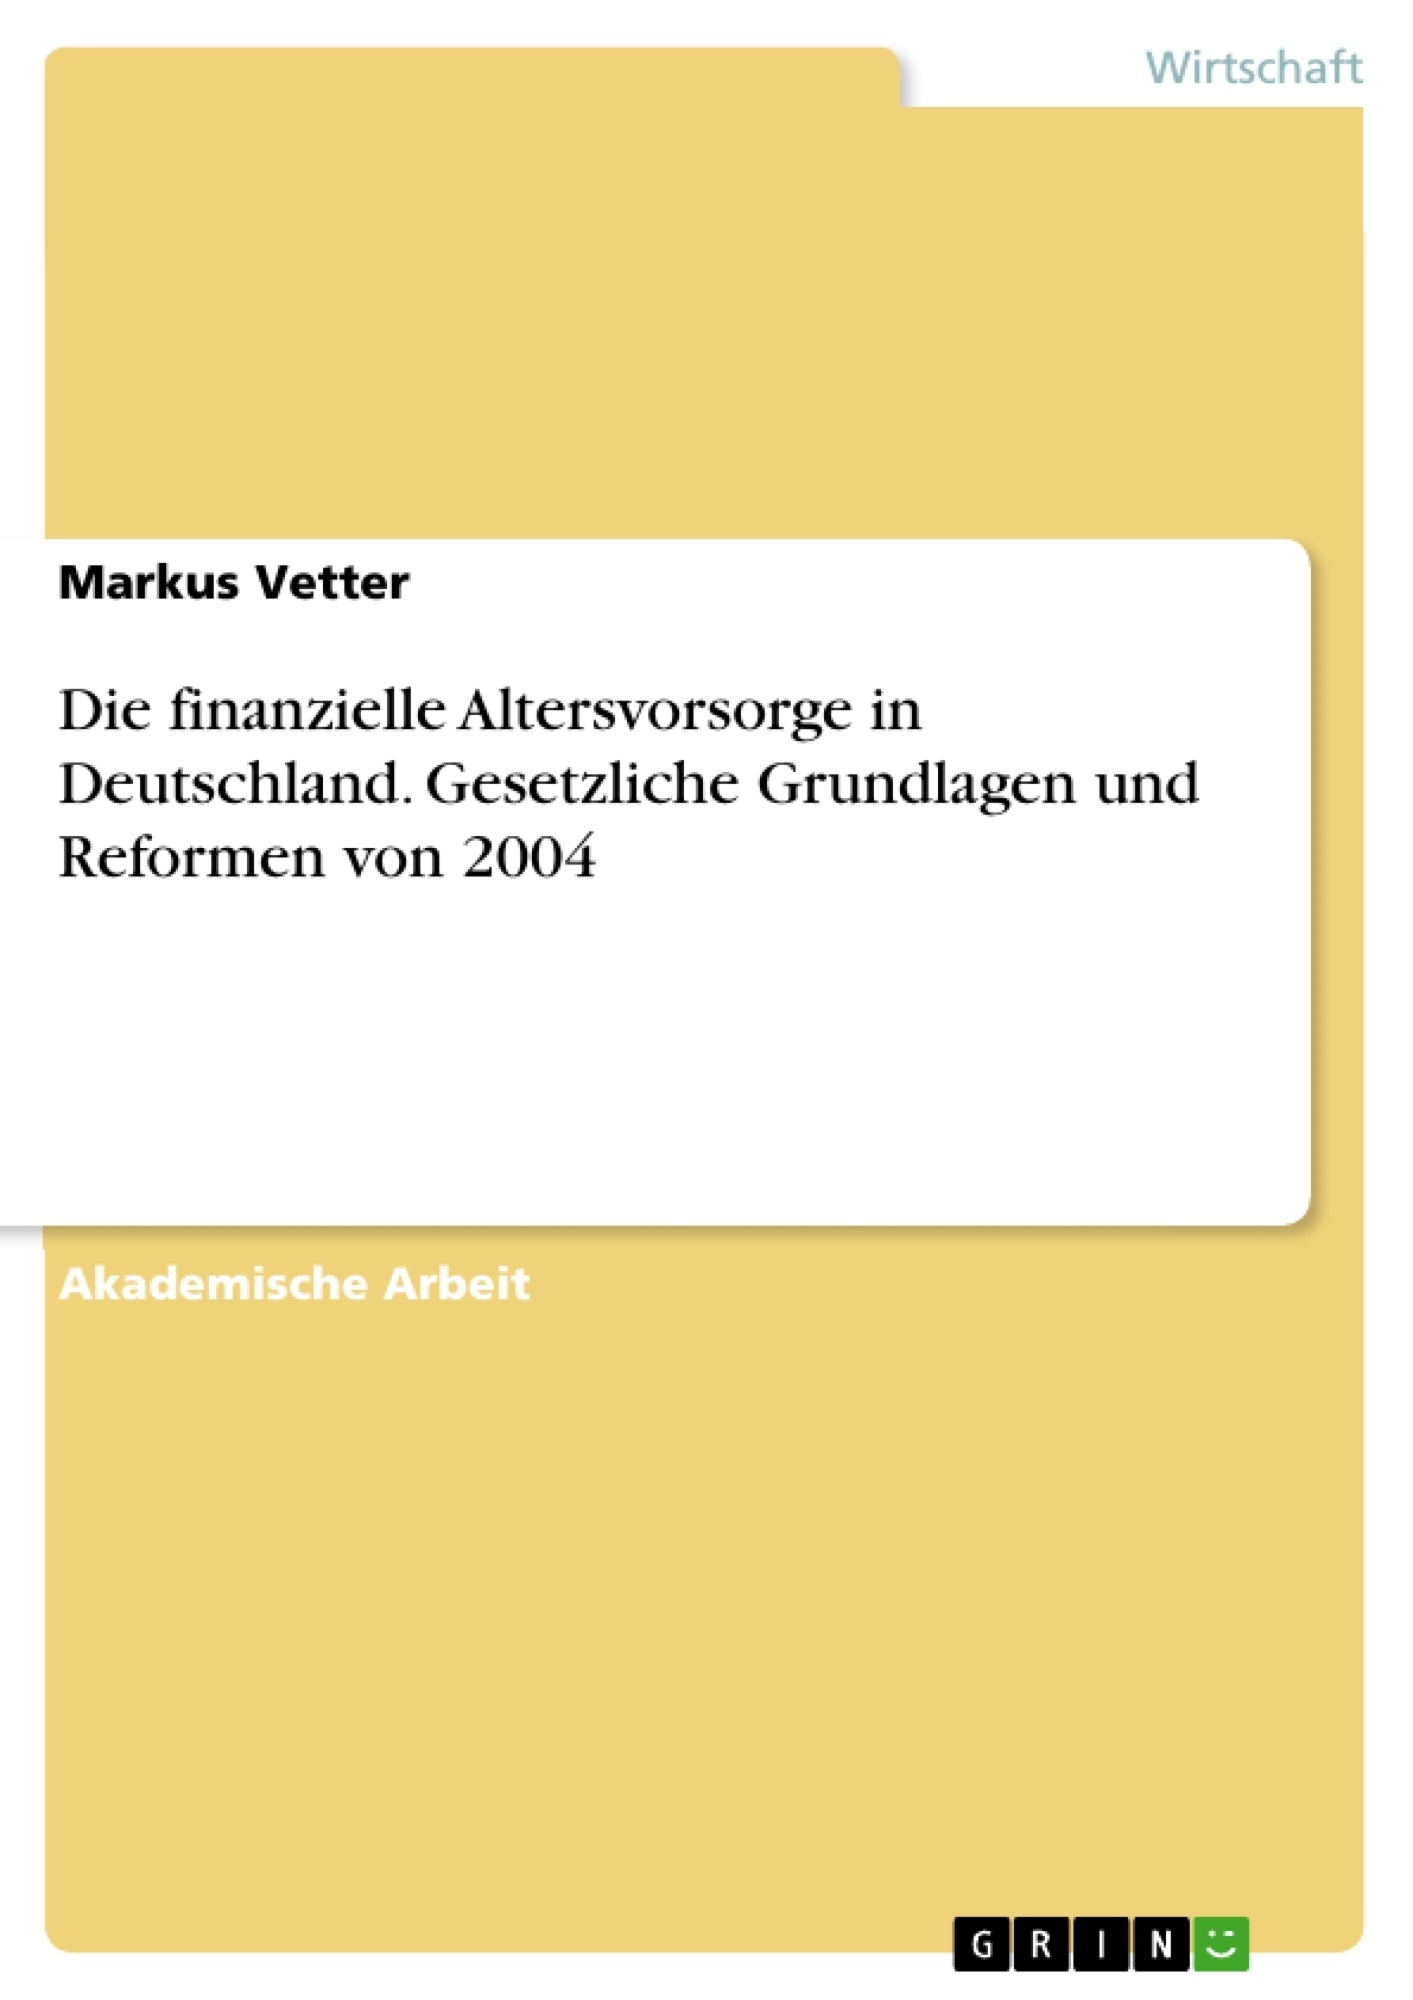 Titel: Die finanzielle Altersvorsorge in Deutschland. Gesetzliche Grundlagen und Reformen von 2004